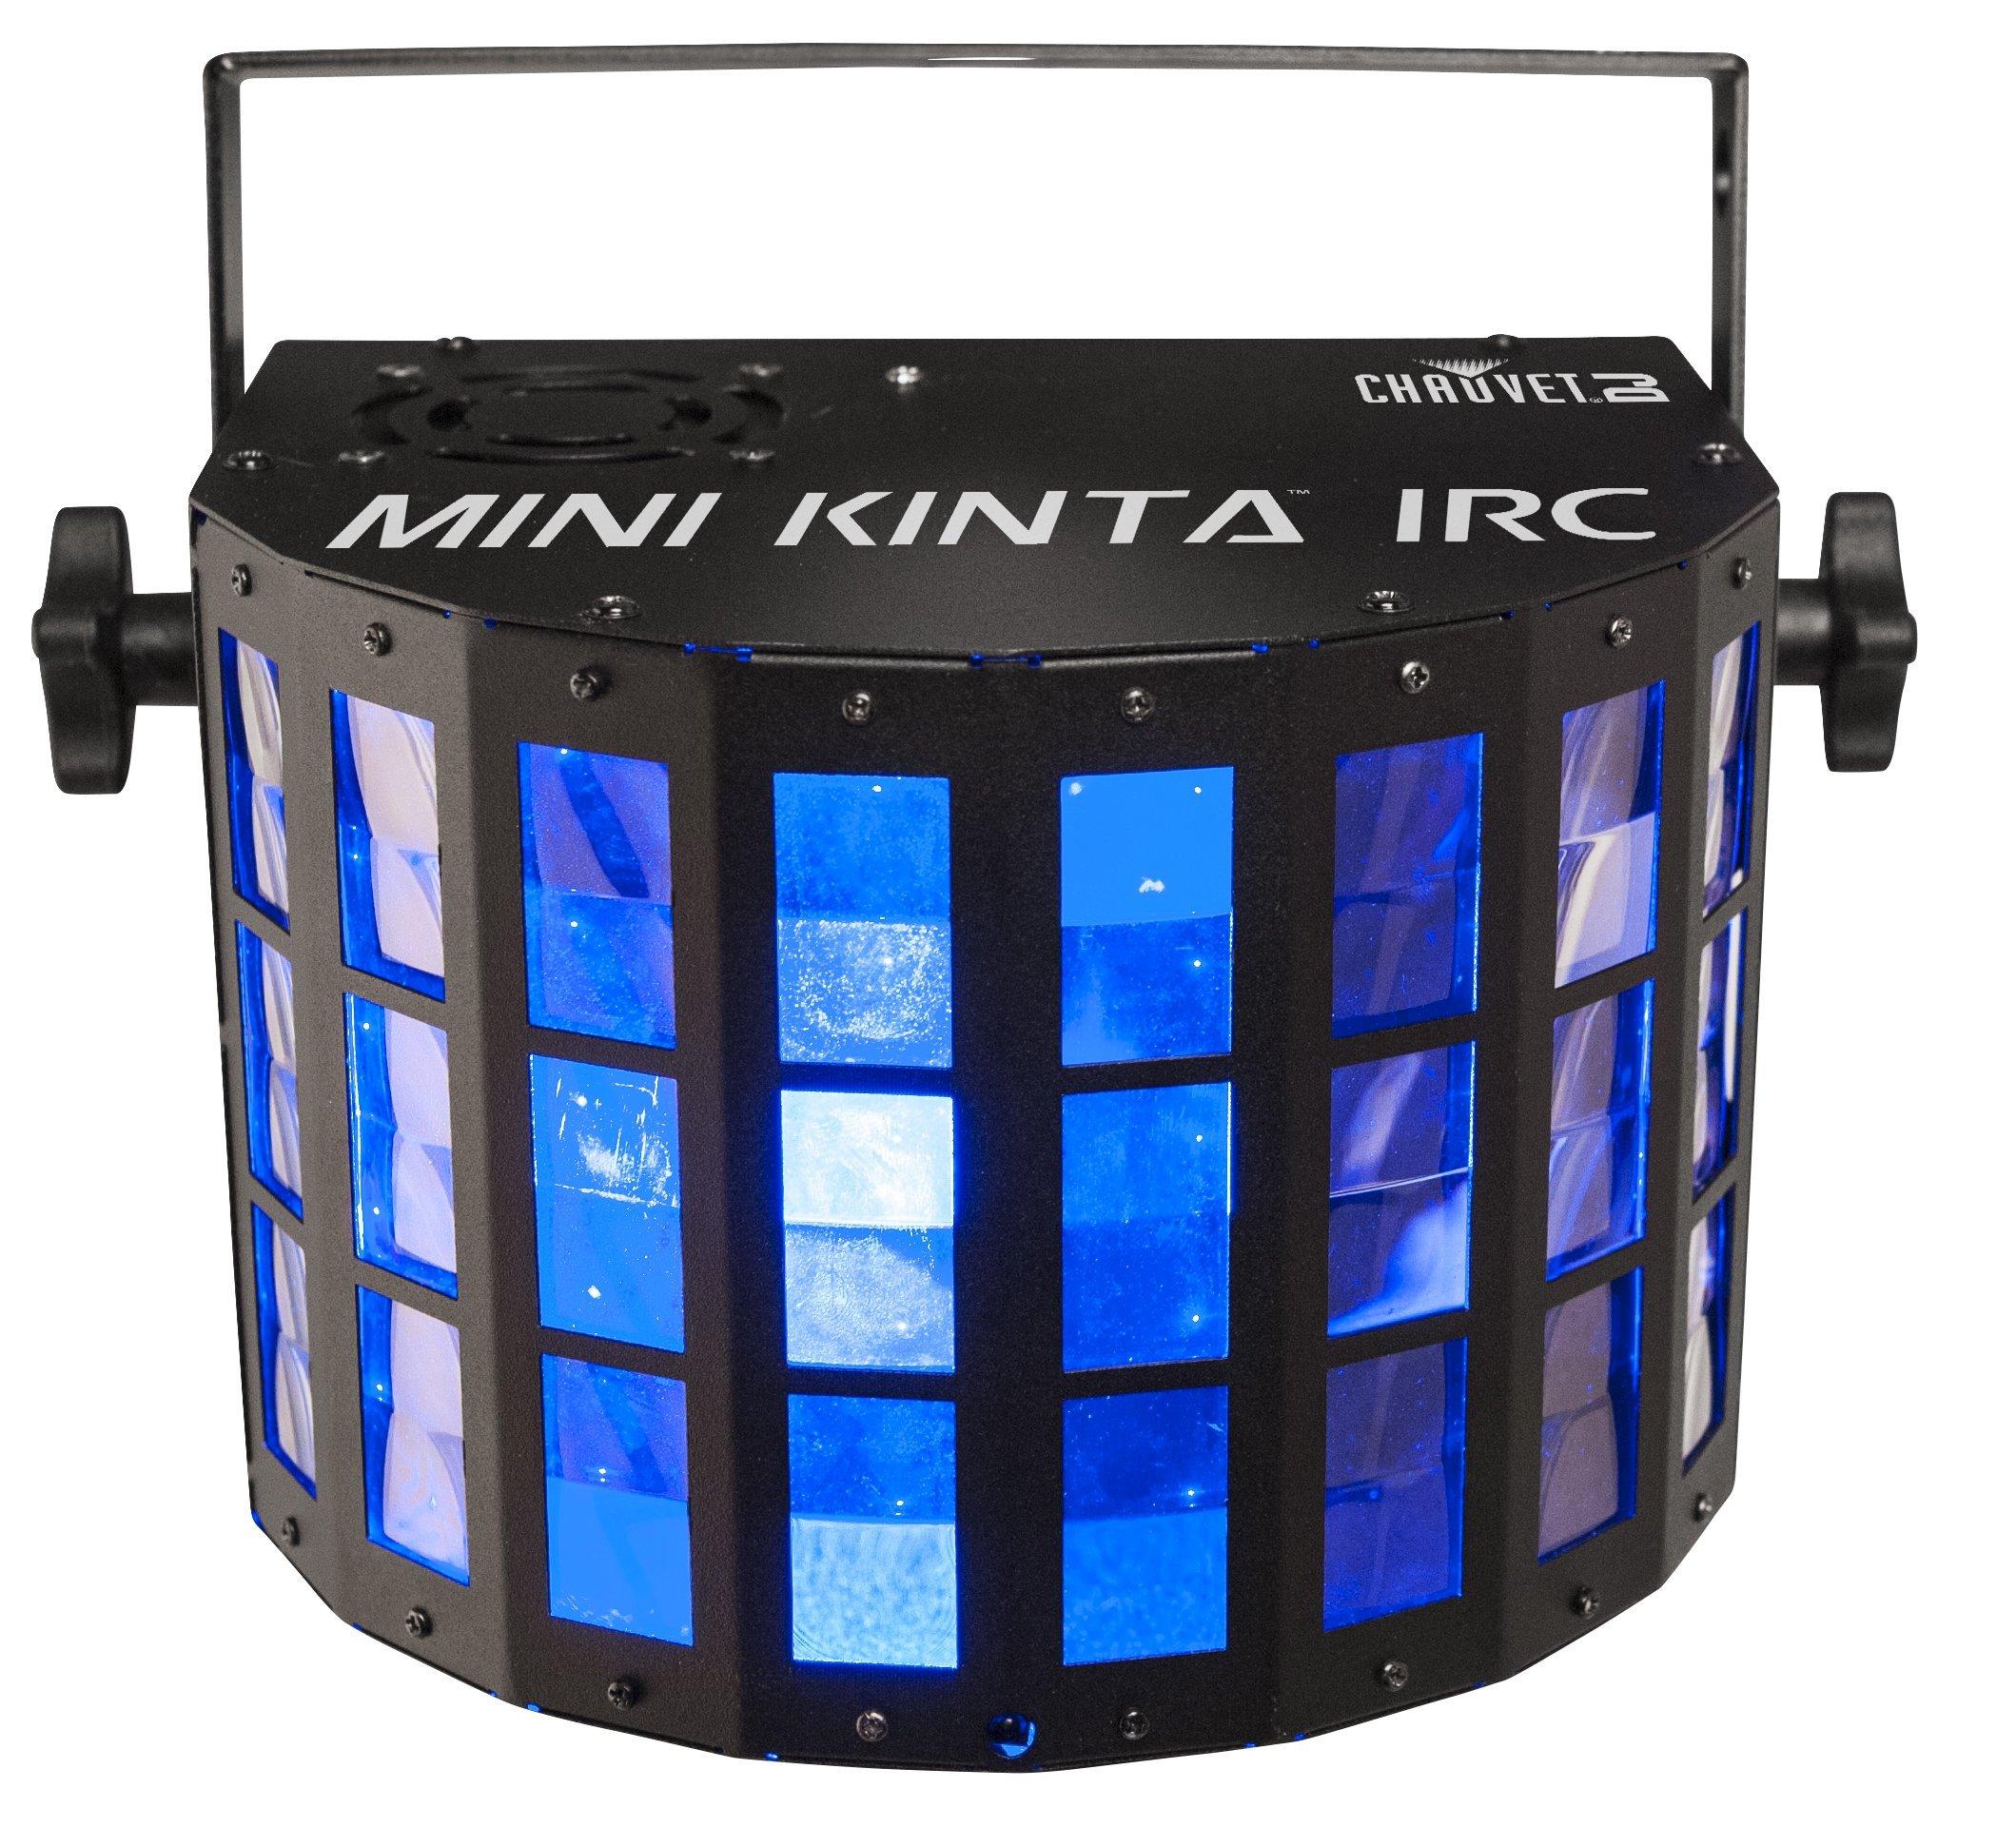 CHAUVET DJ Mini Kinta IRC Compact LED Derby DJ Effect Light w/Wireless Capability by CHAUVET DJ